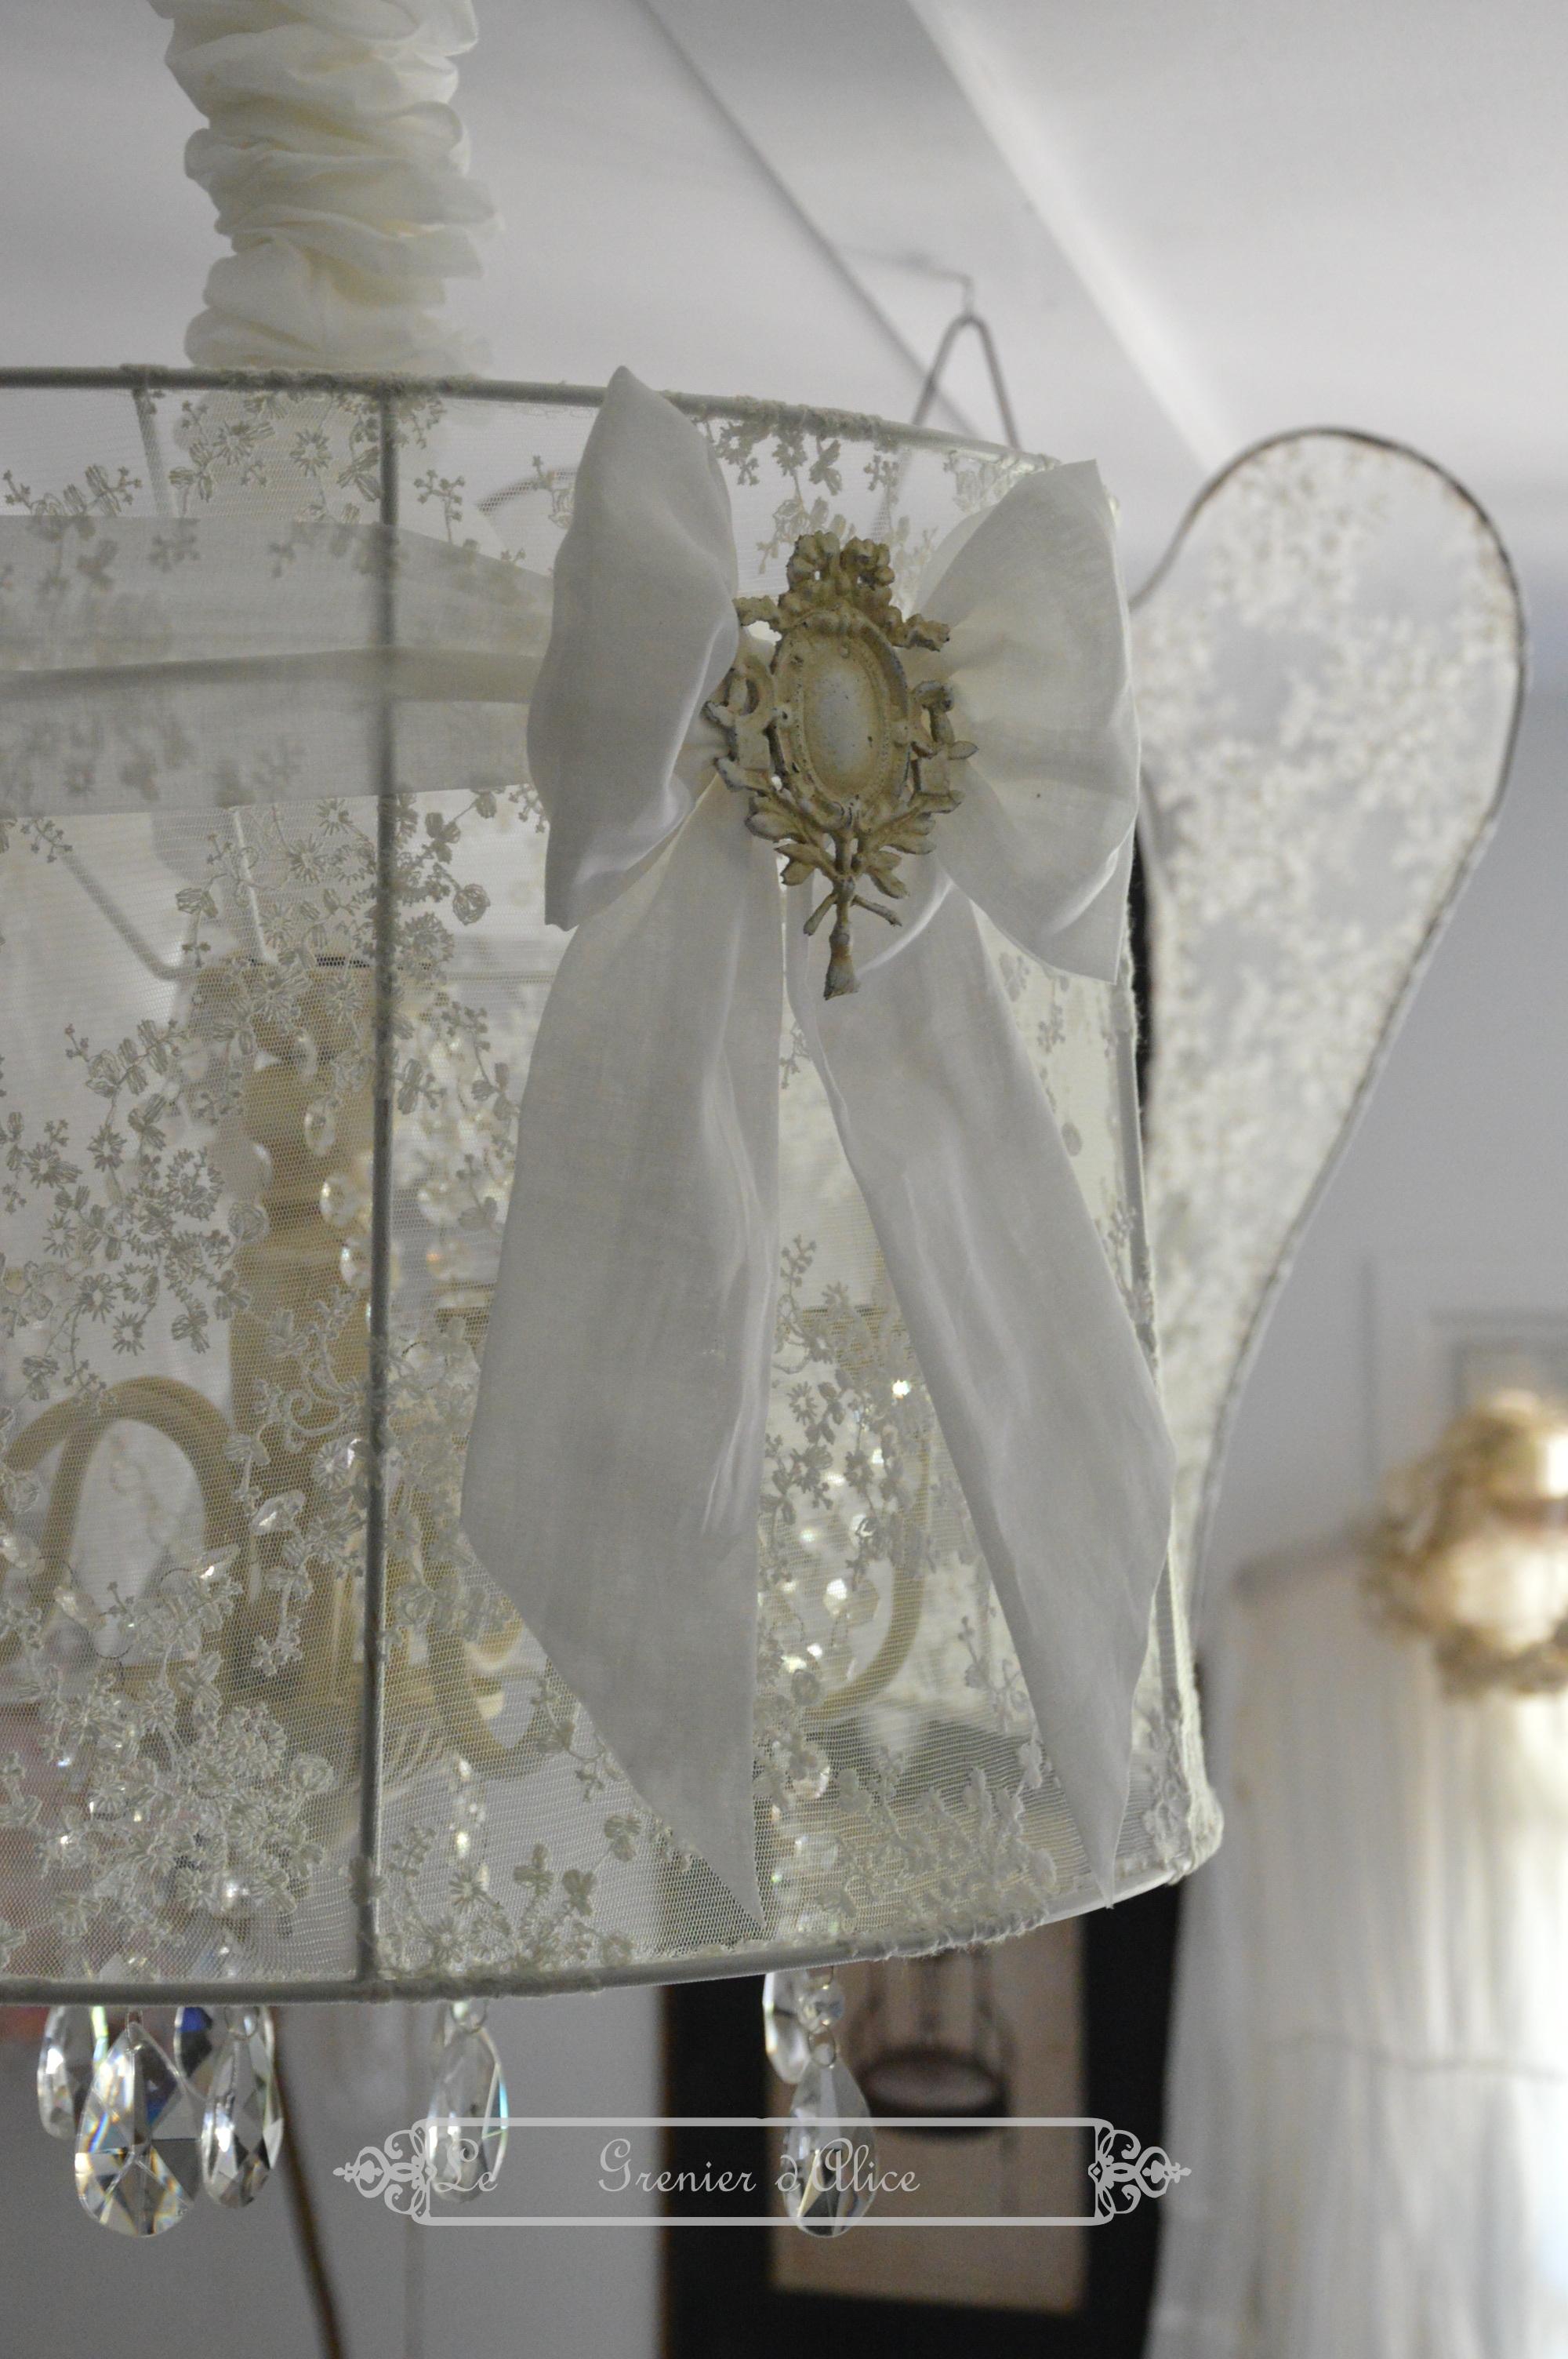 Suspension abat jour lustre aile d ange relooking tulle broderie voile de mariée organdi blanc romantique shabby chic vintage french decor nordique scandinave 1